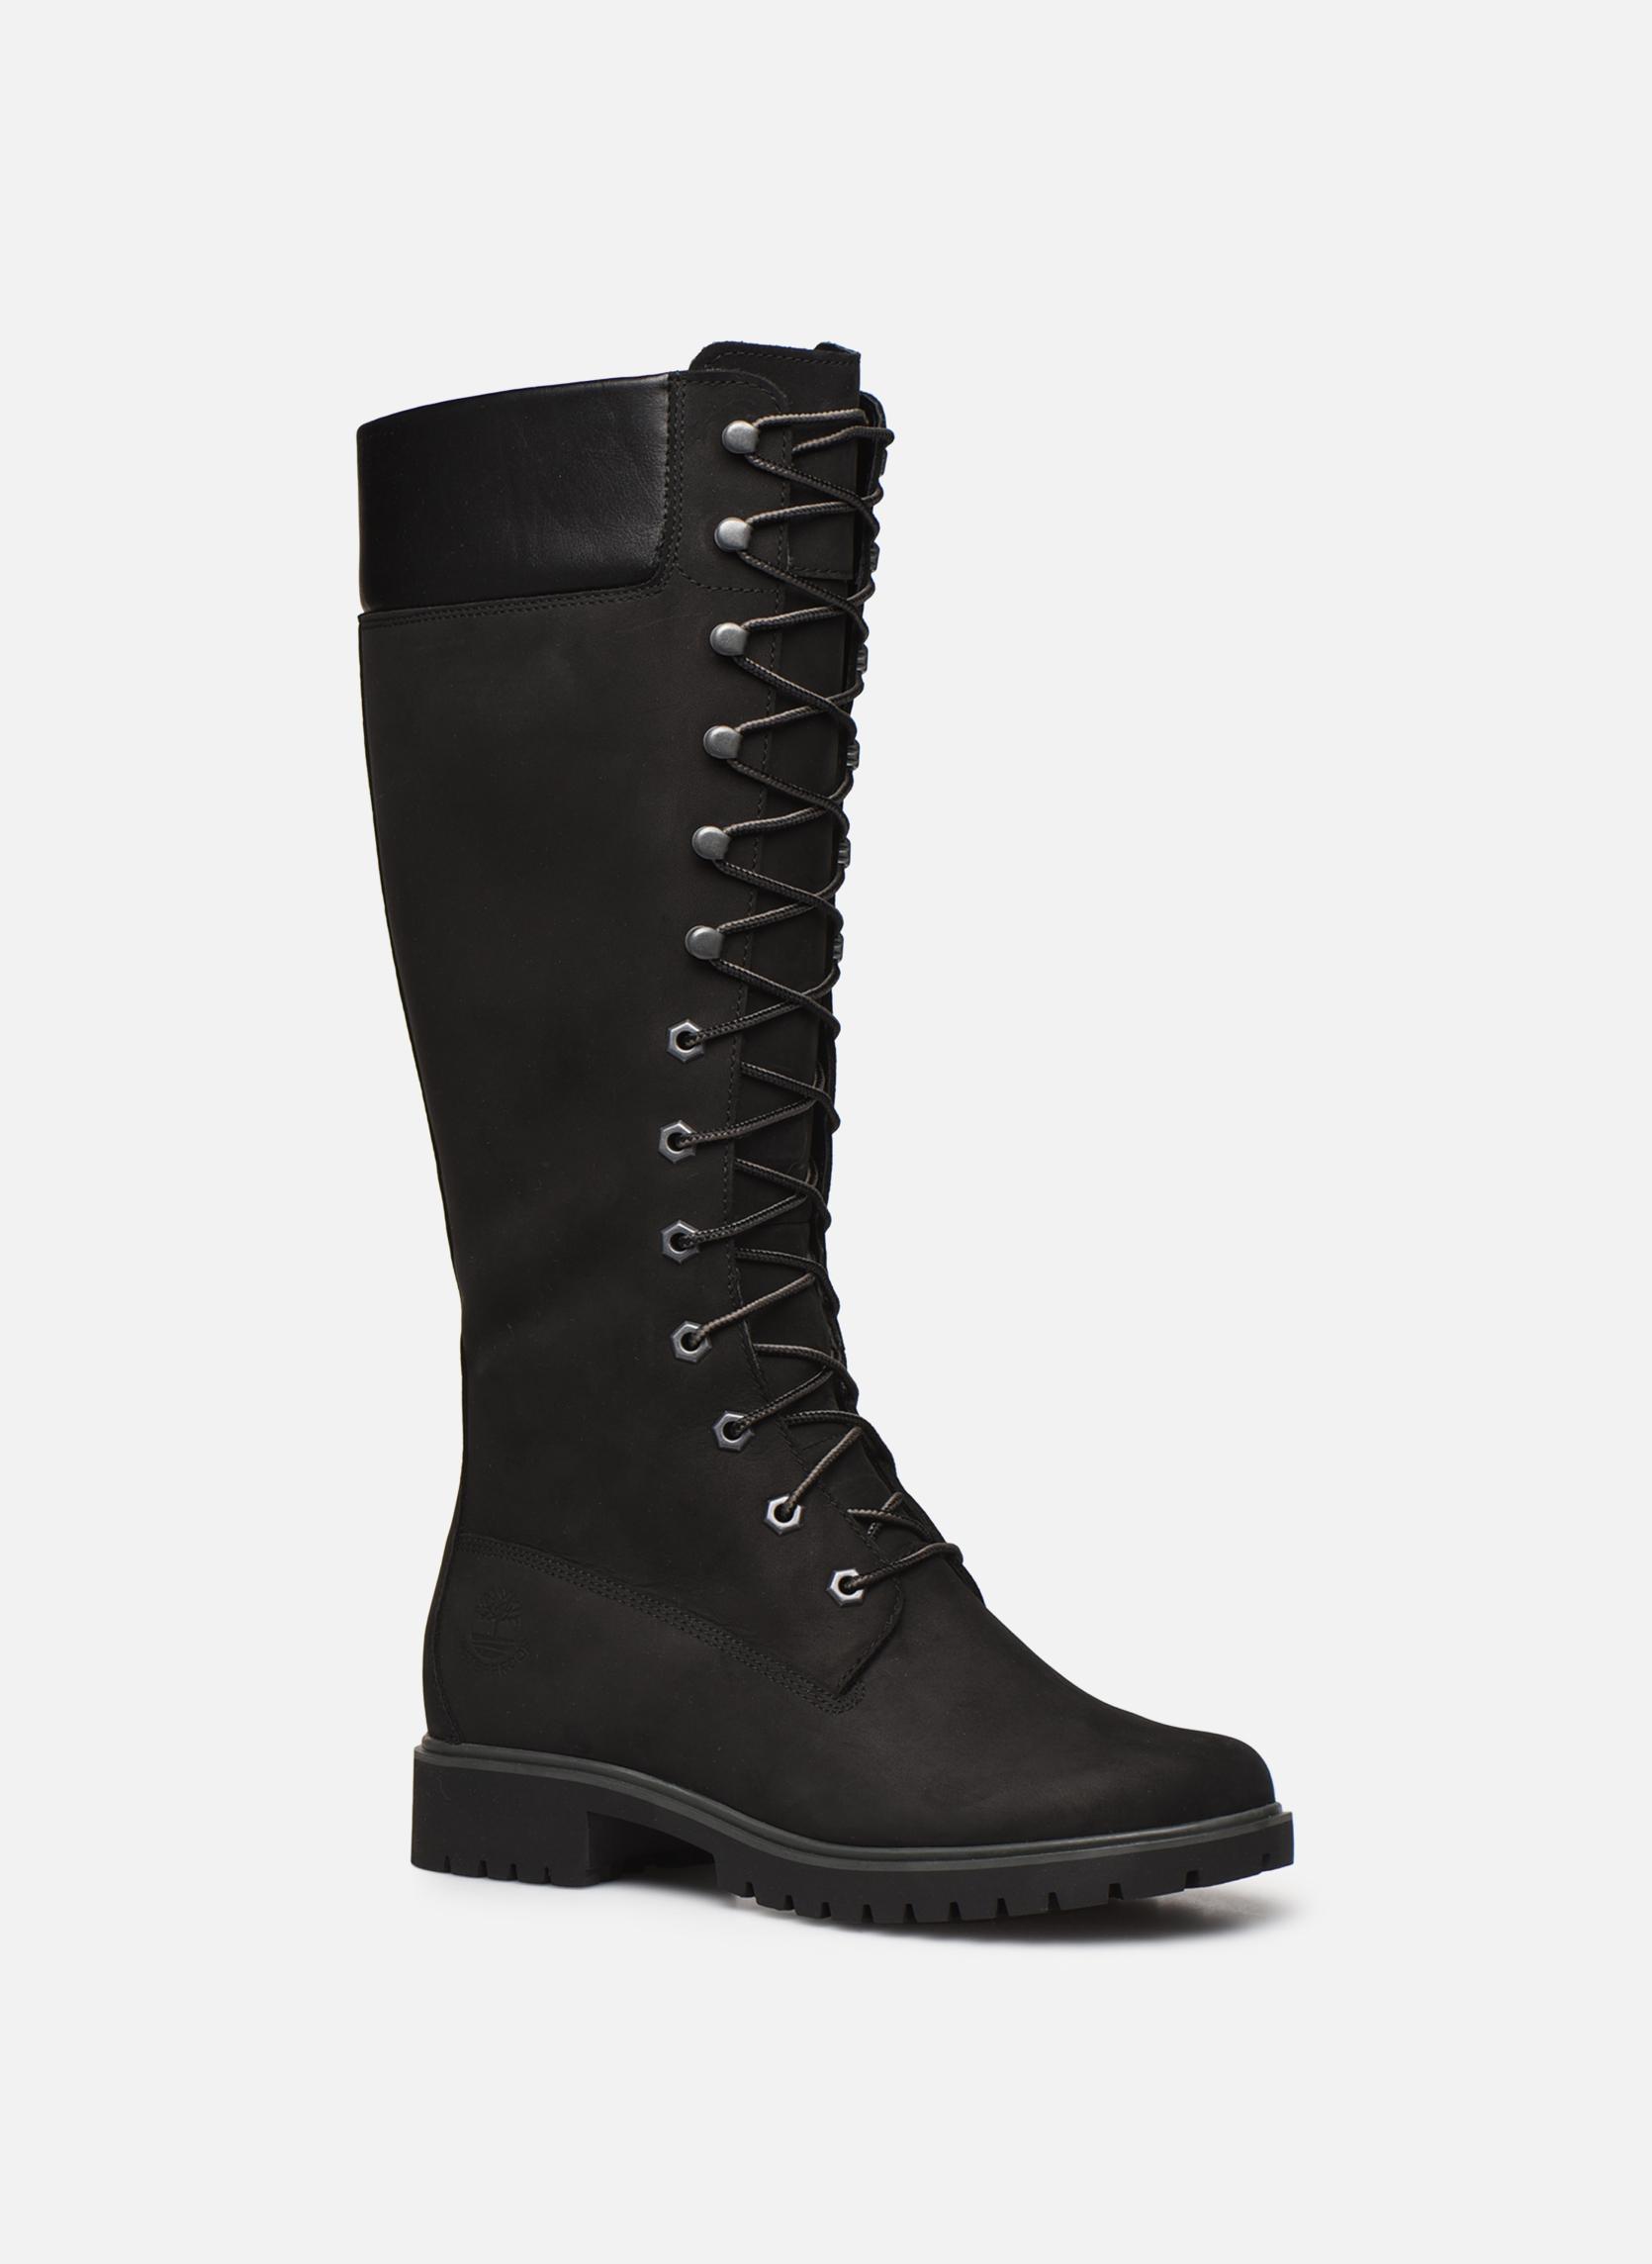 Bottes Timberland Women's Premium 14 inch Noir vue détail/paire